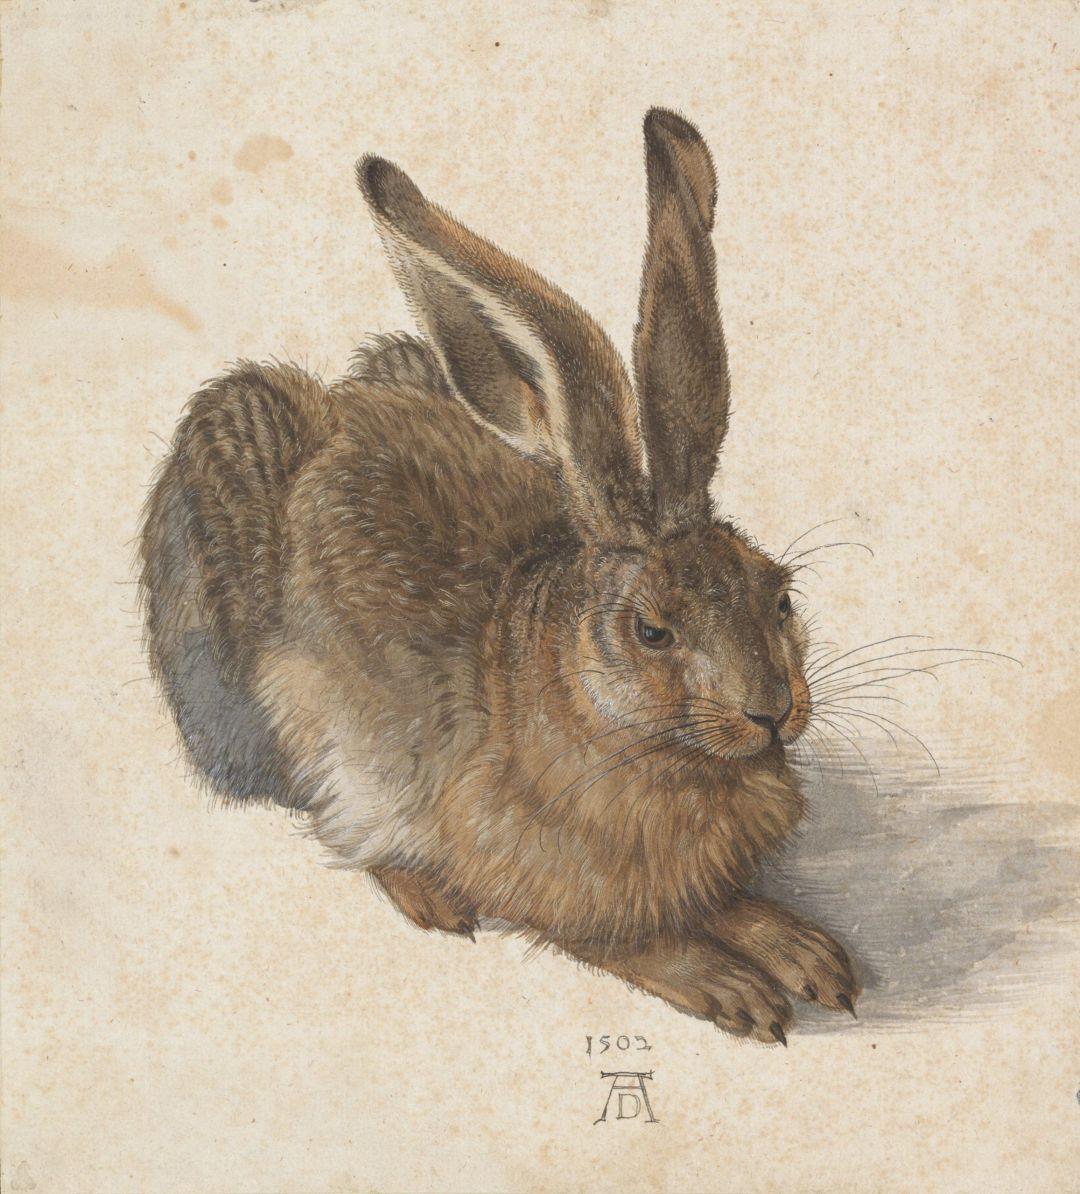 Liebre joven (Albrecht Dürer, 1502) (Albertina, Viena)